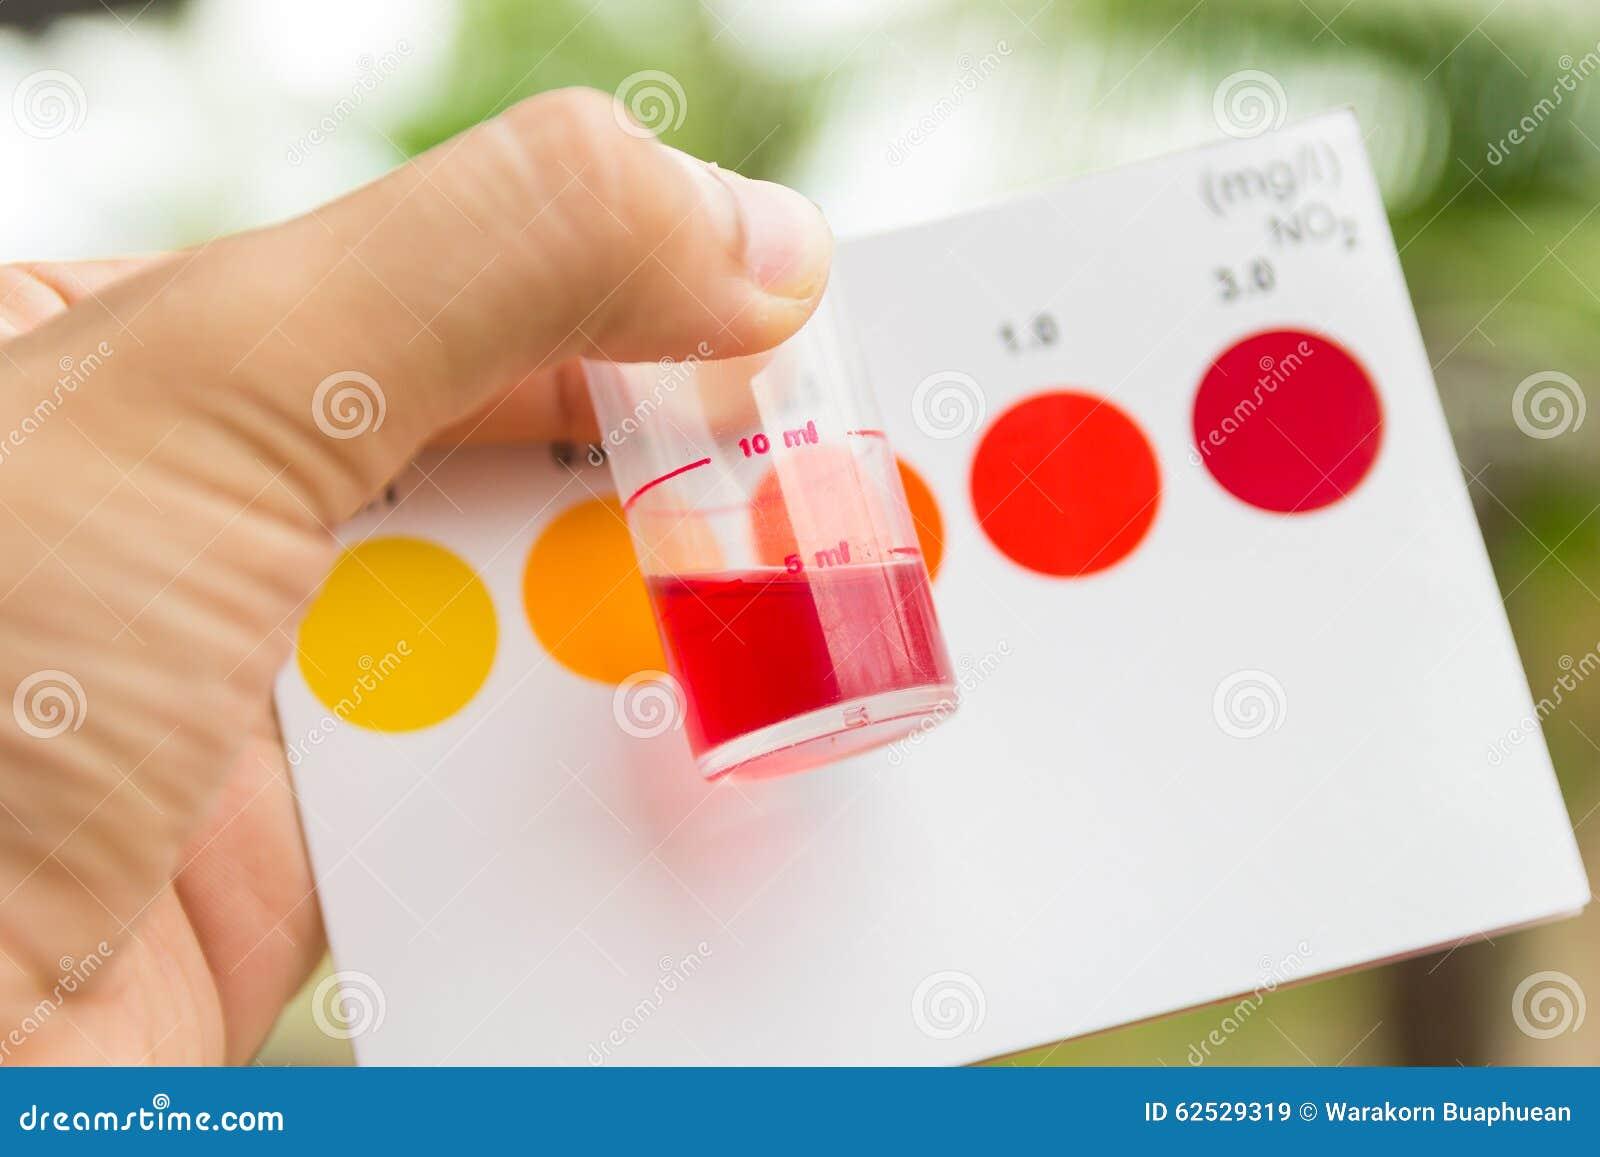 举行亚硝酸盐价值测试的手